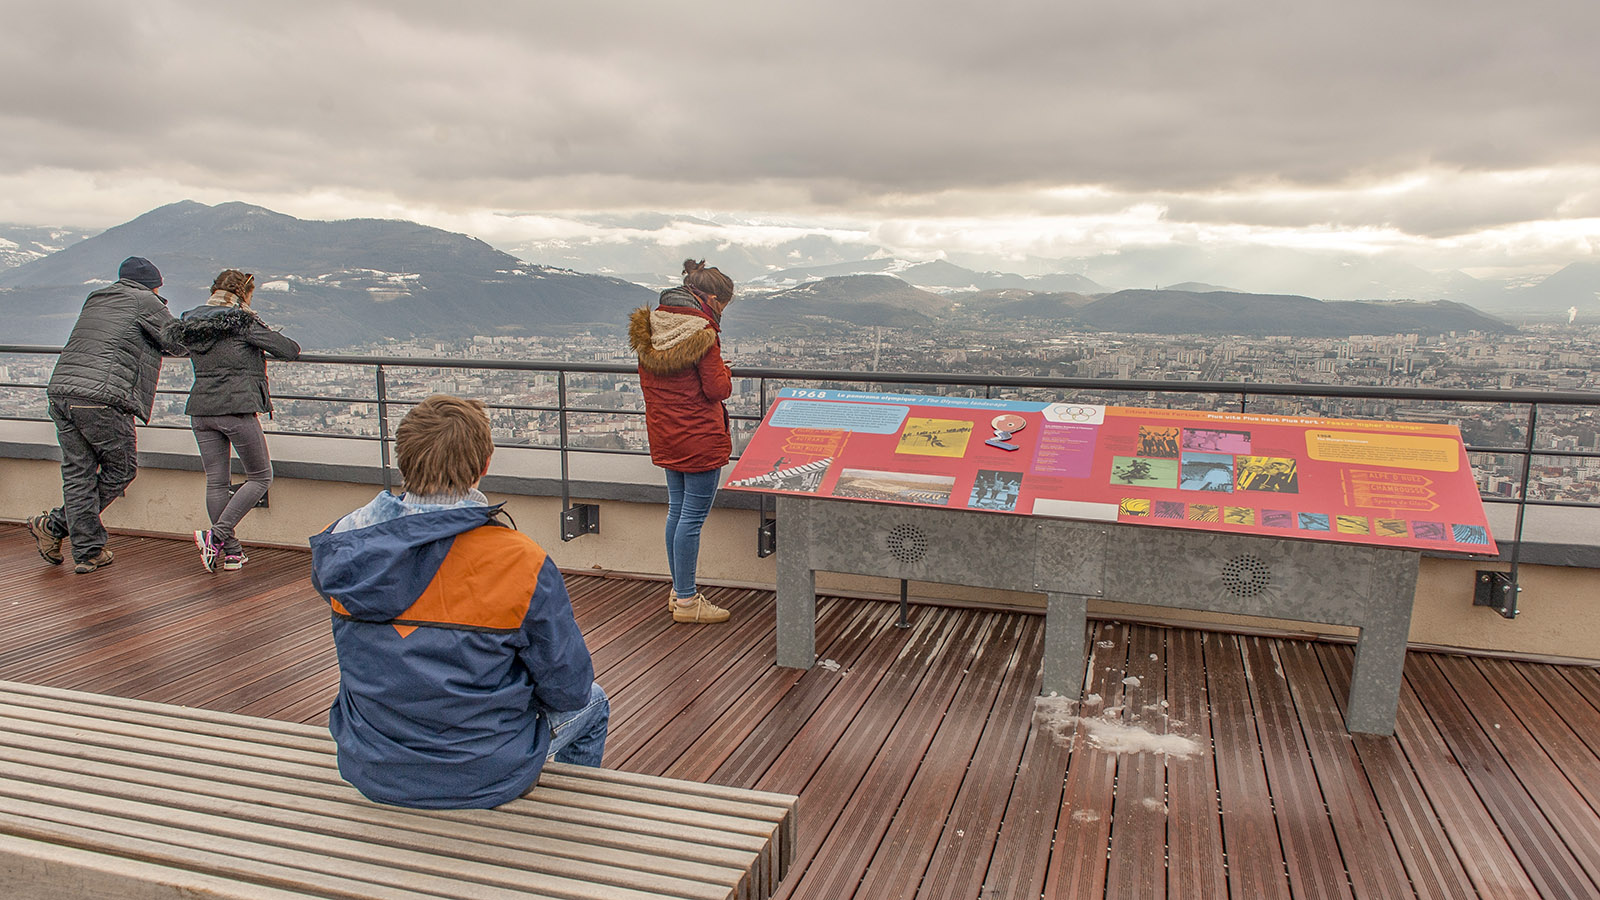 Tafeln informieren euch über die Stadt und wesentliche Highlights, die vom Aussichtspunkt Bastille zu sehen sind. Foto: Hilke Maunder